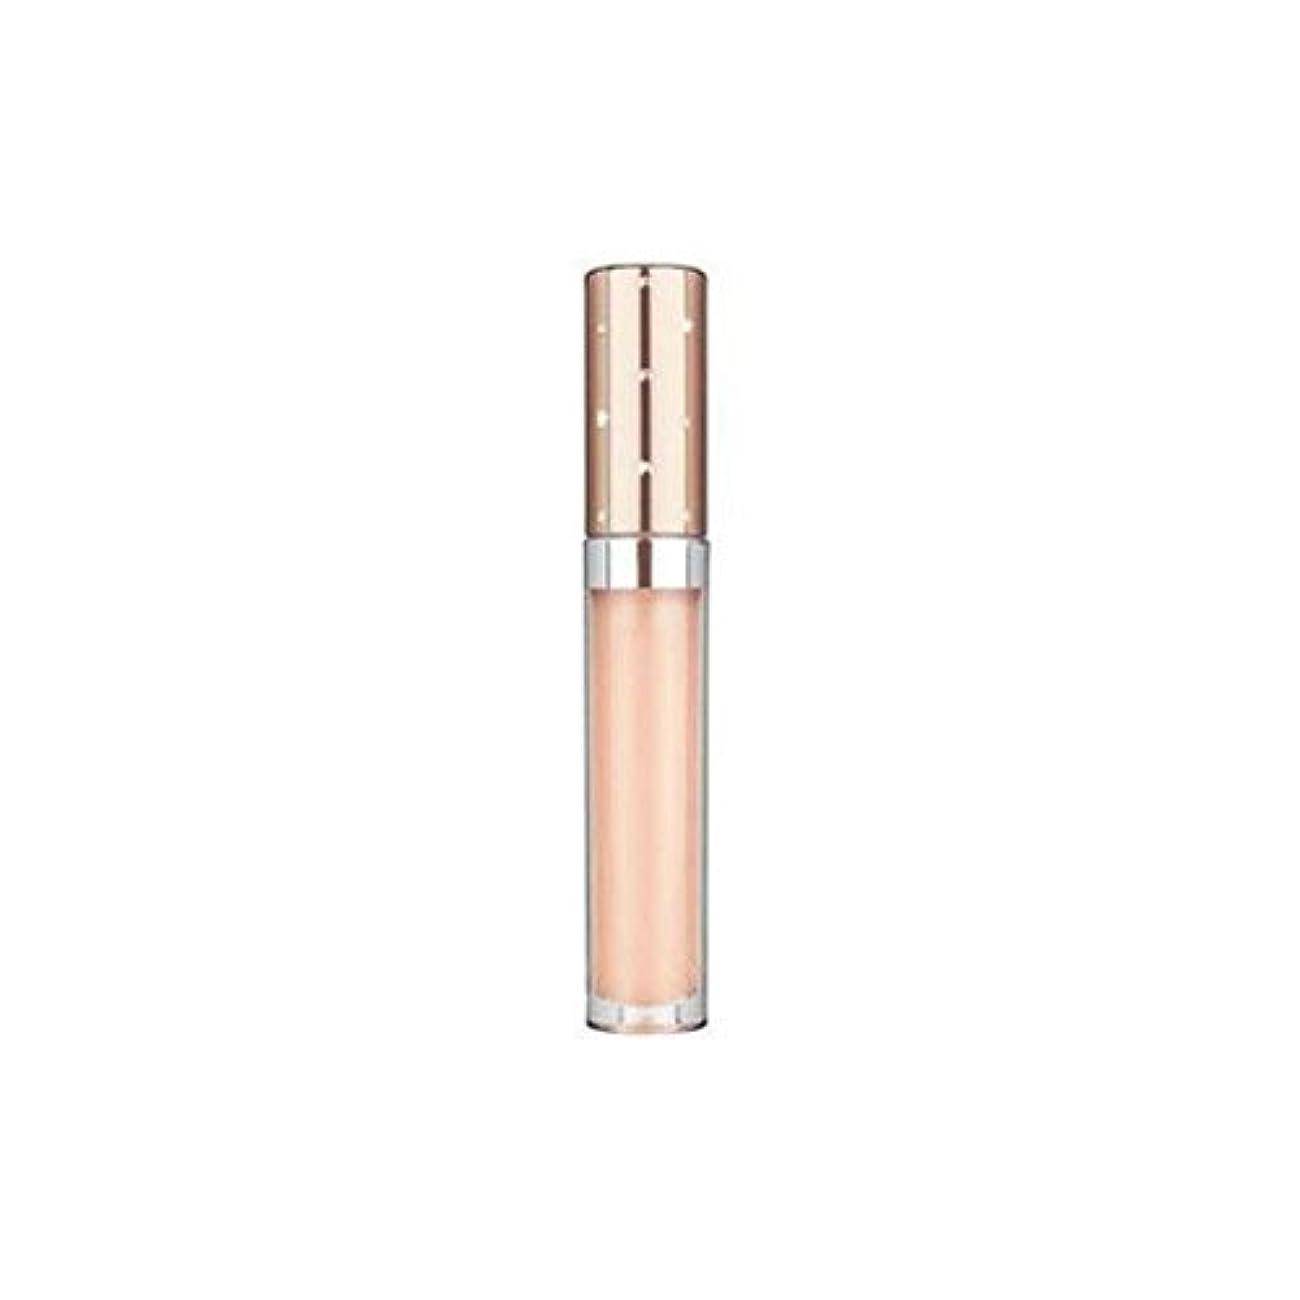 歯愛する甘味インスタントリップパーフェクション15(5ミリリットル) x4 - Nubo Instant Lip Perfection Spf15 (5ml) (Pack of 4) [並行輸入品]